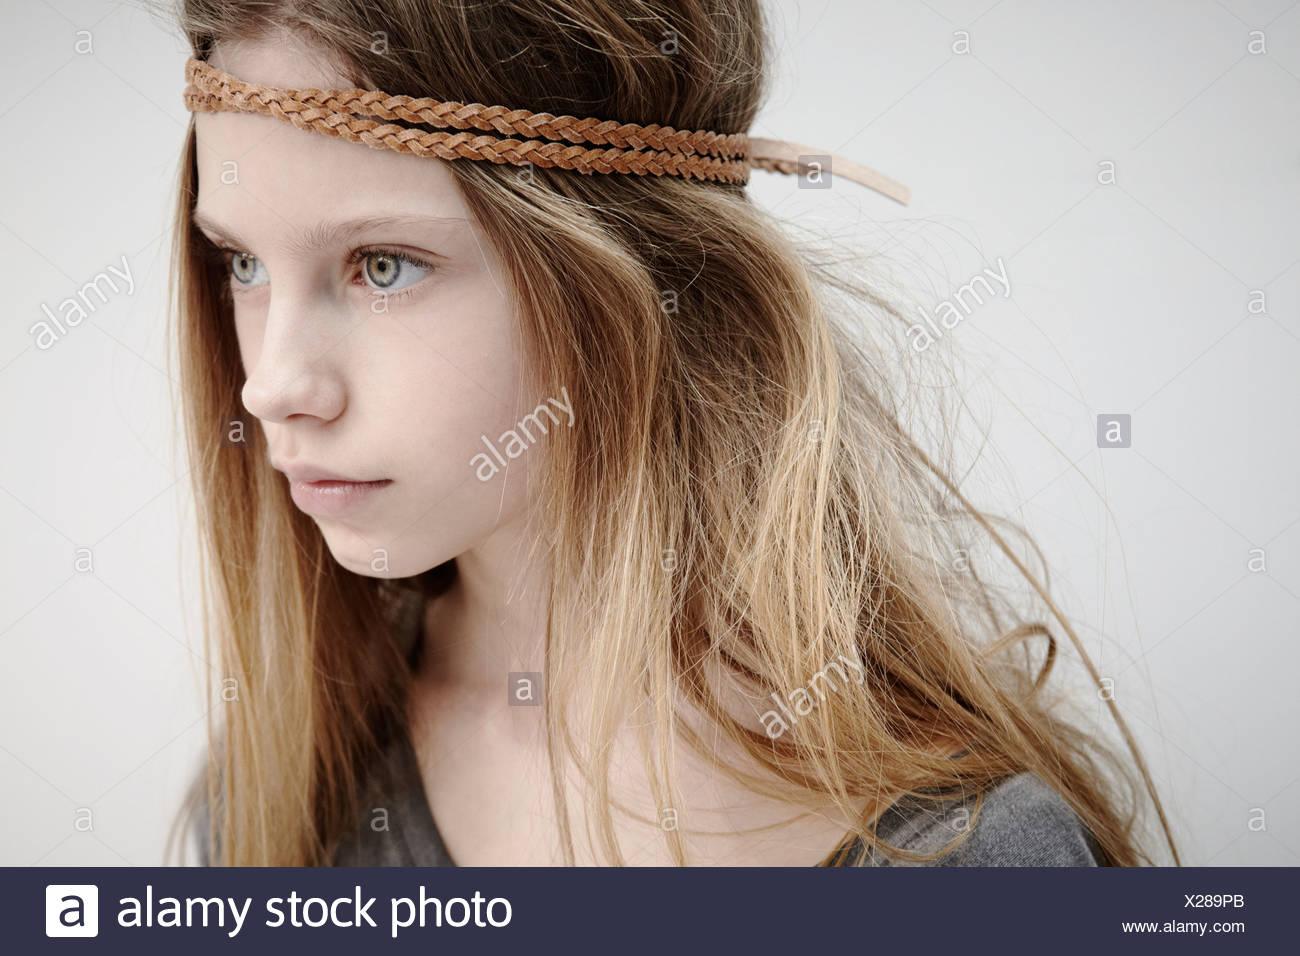 be6b3100596c52 Stirnband Tragen Stockfotos & Stirnband Tragen Bilder - Alamy